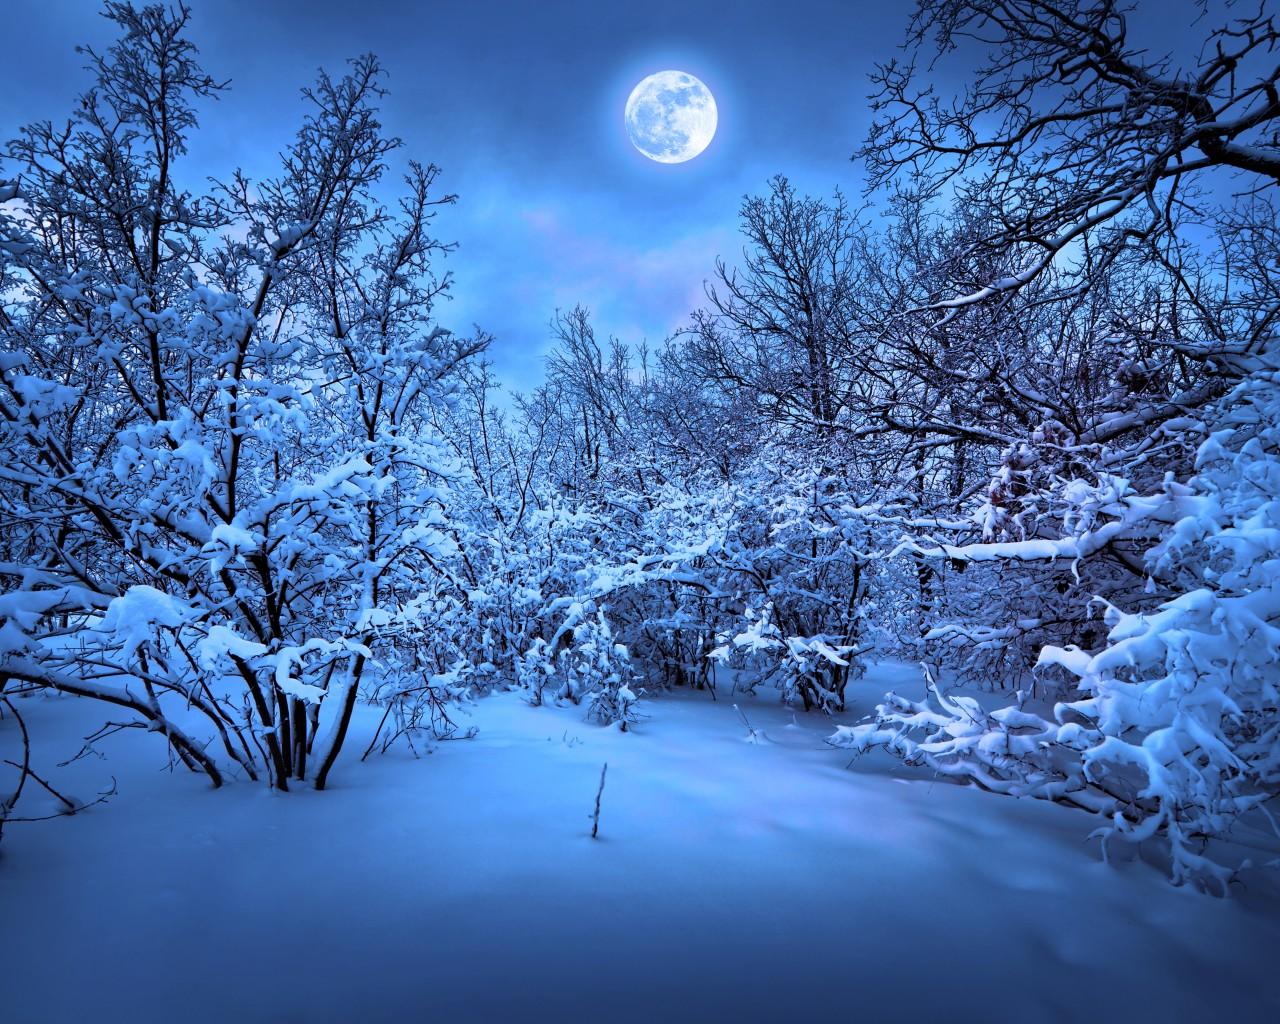 ночь зима картинки